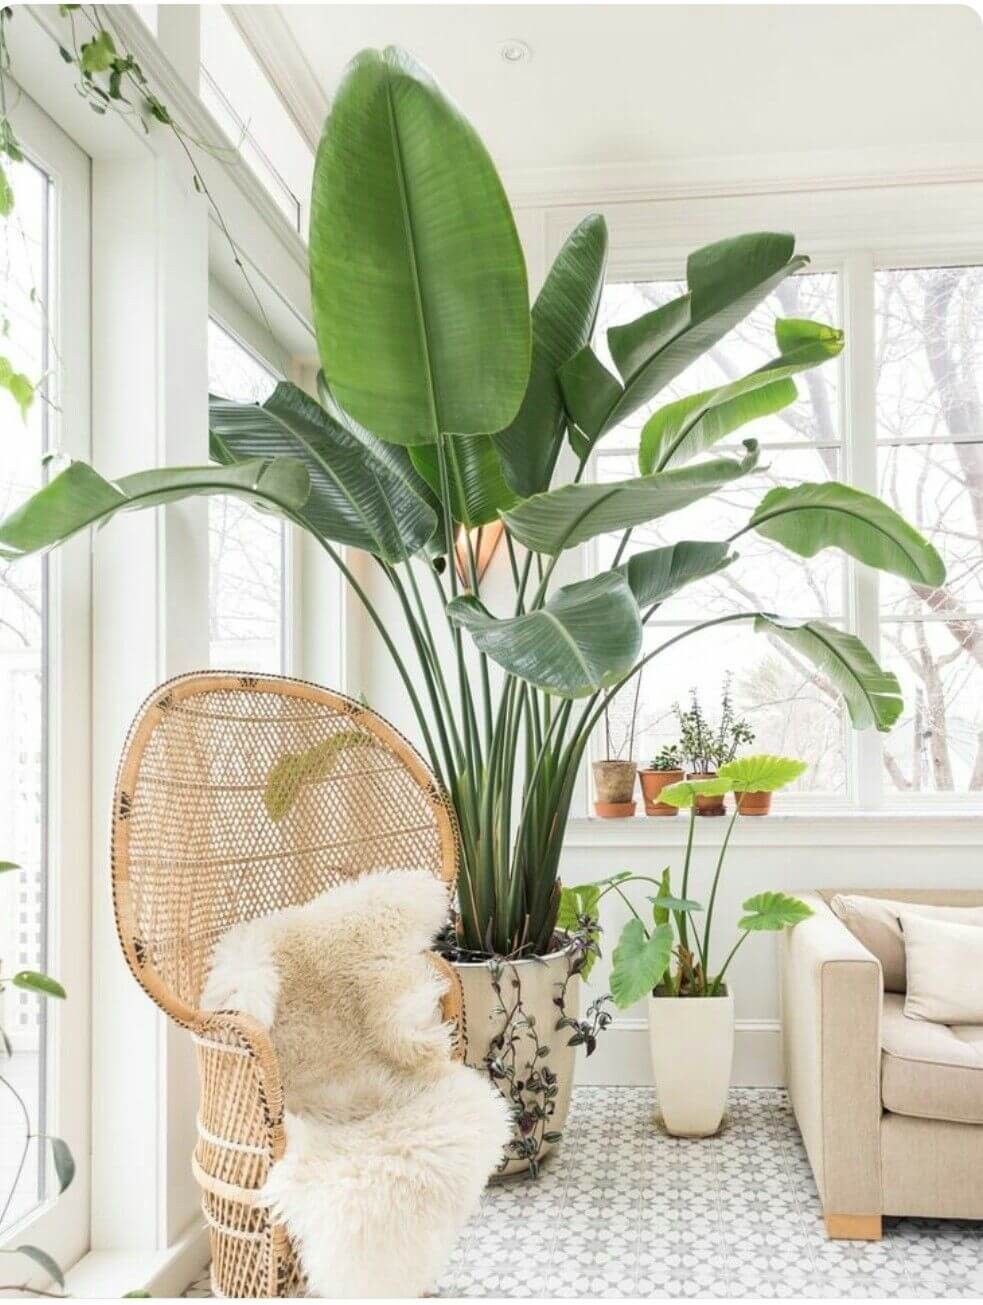 Grandes feuilles de bananier dans un salon blanc